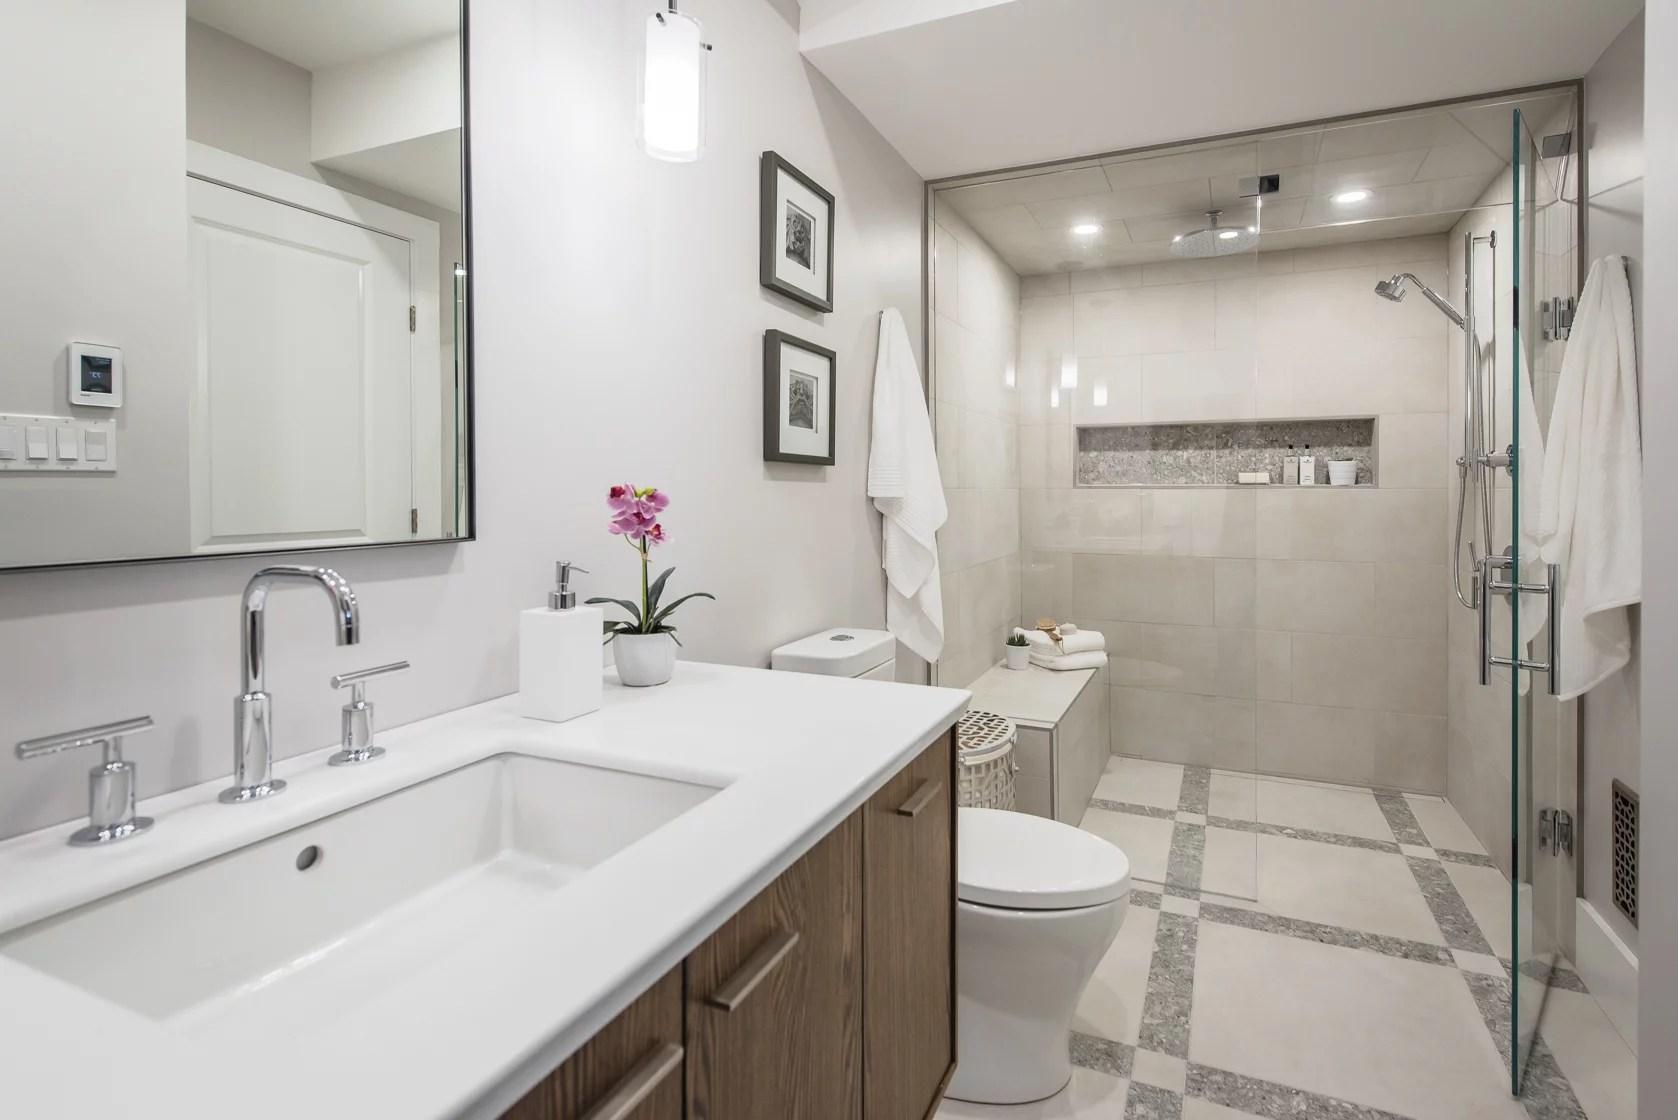 Luxurious Bathroom Updates  POPSUGAR Home